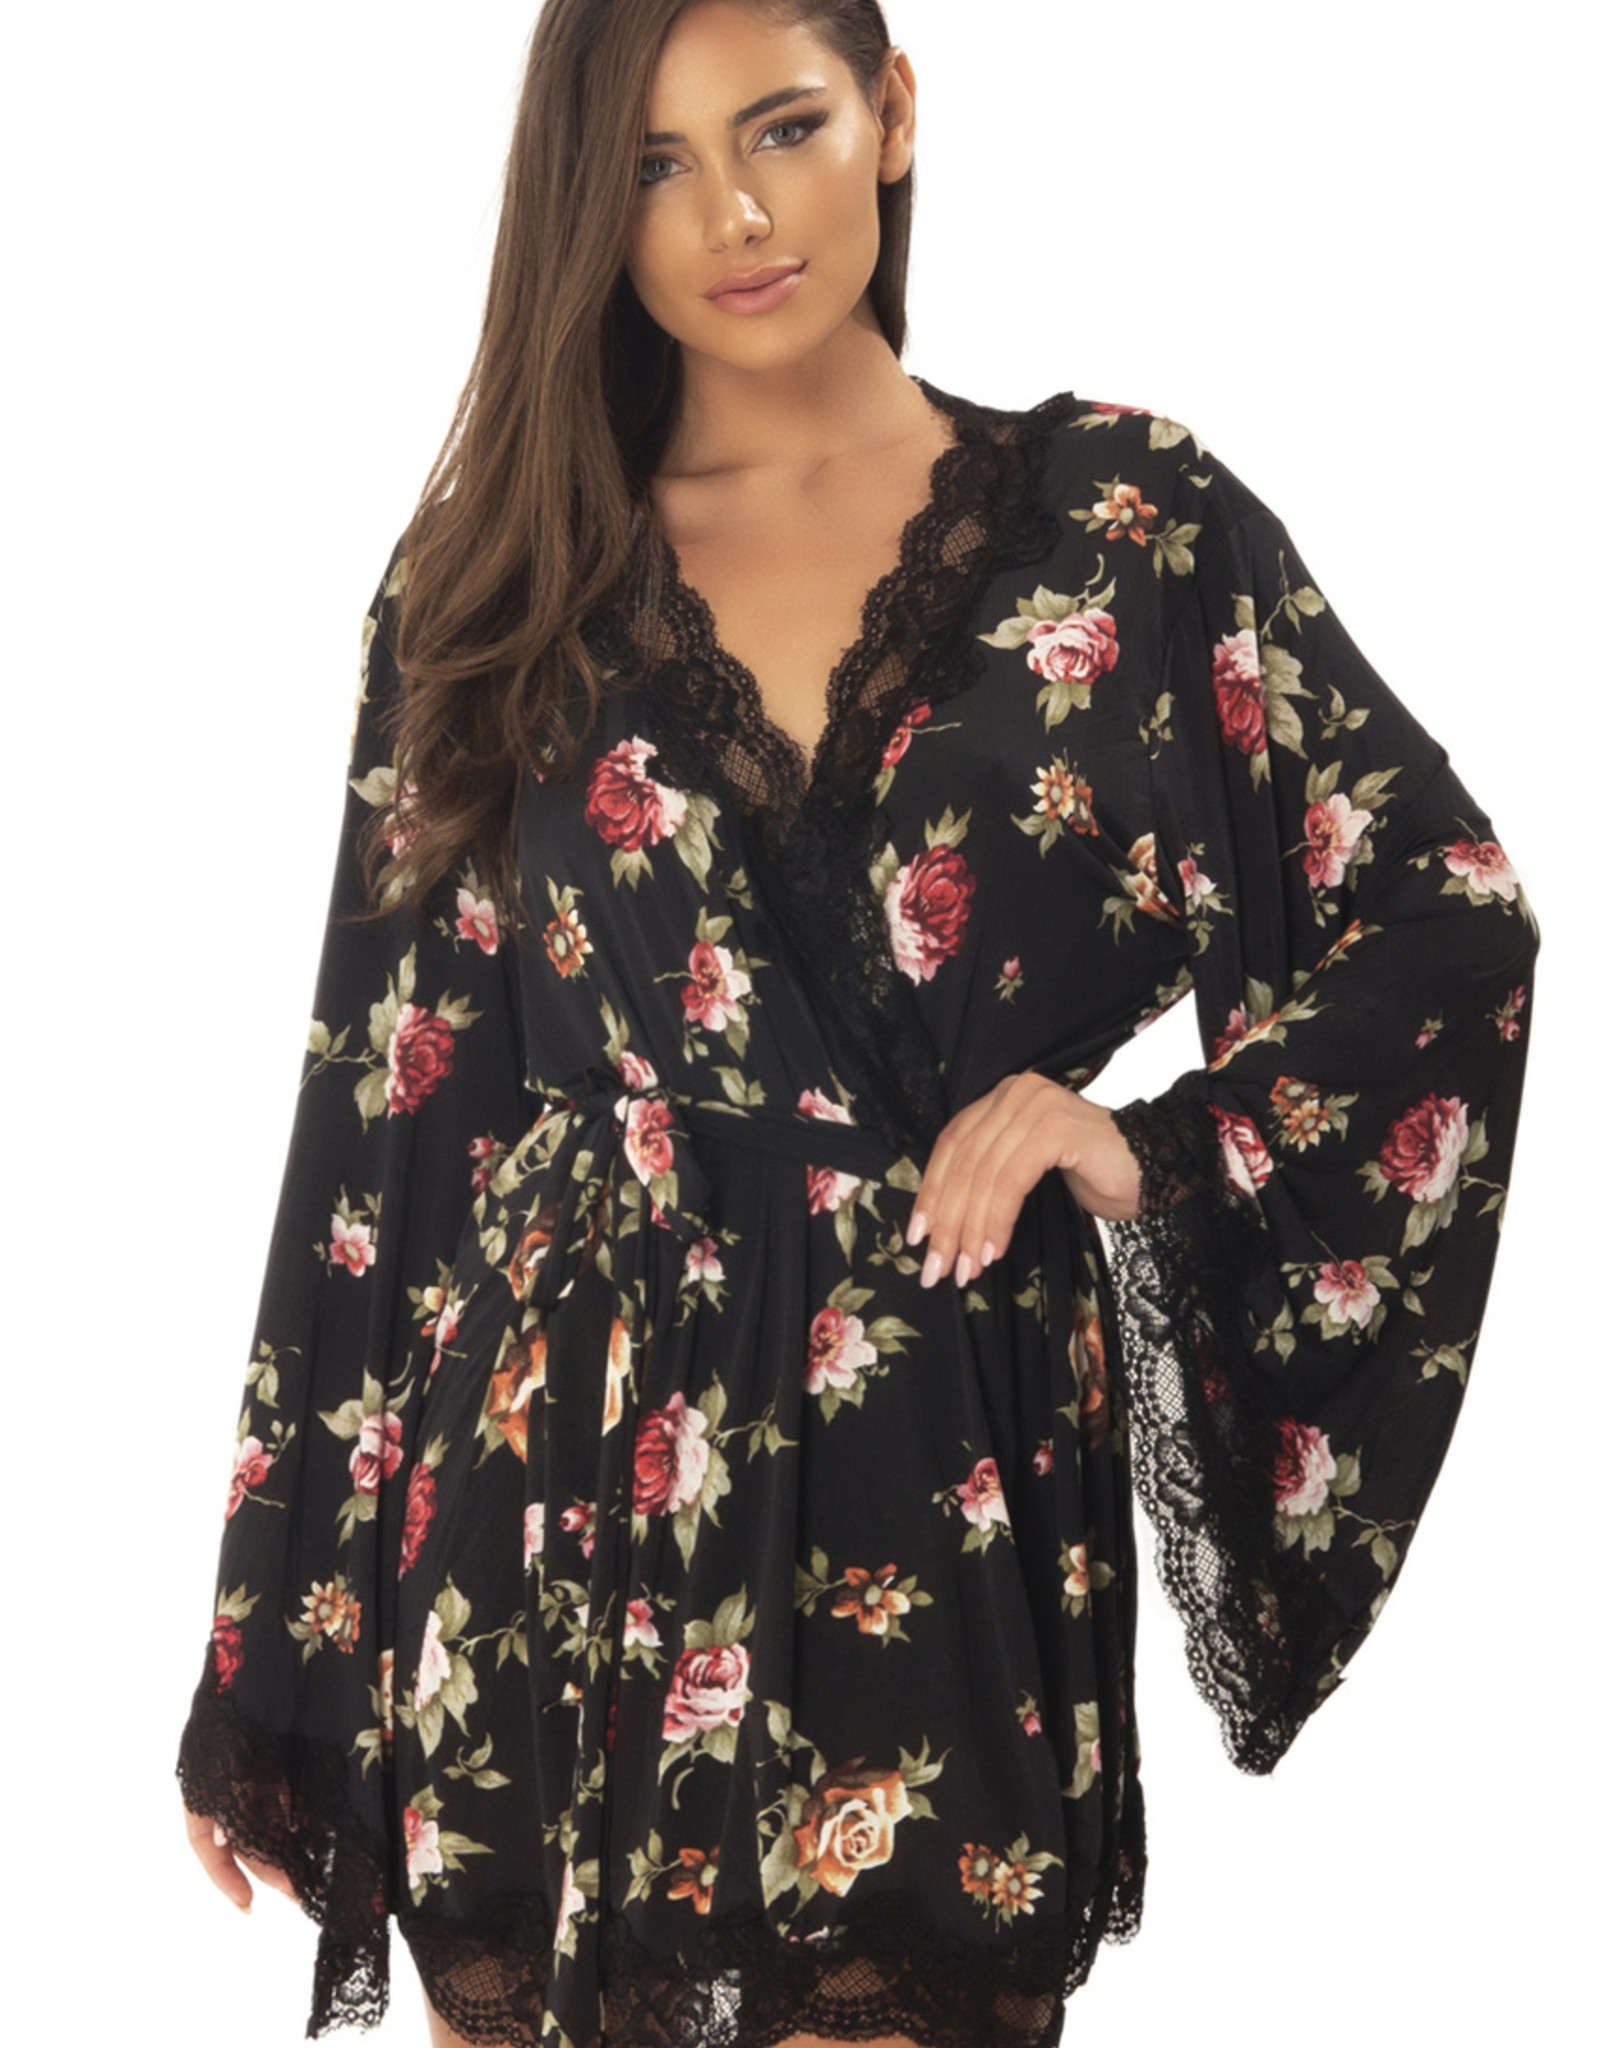 Oh La La Cheri Oh La La Cheri Floral Robe